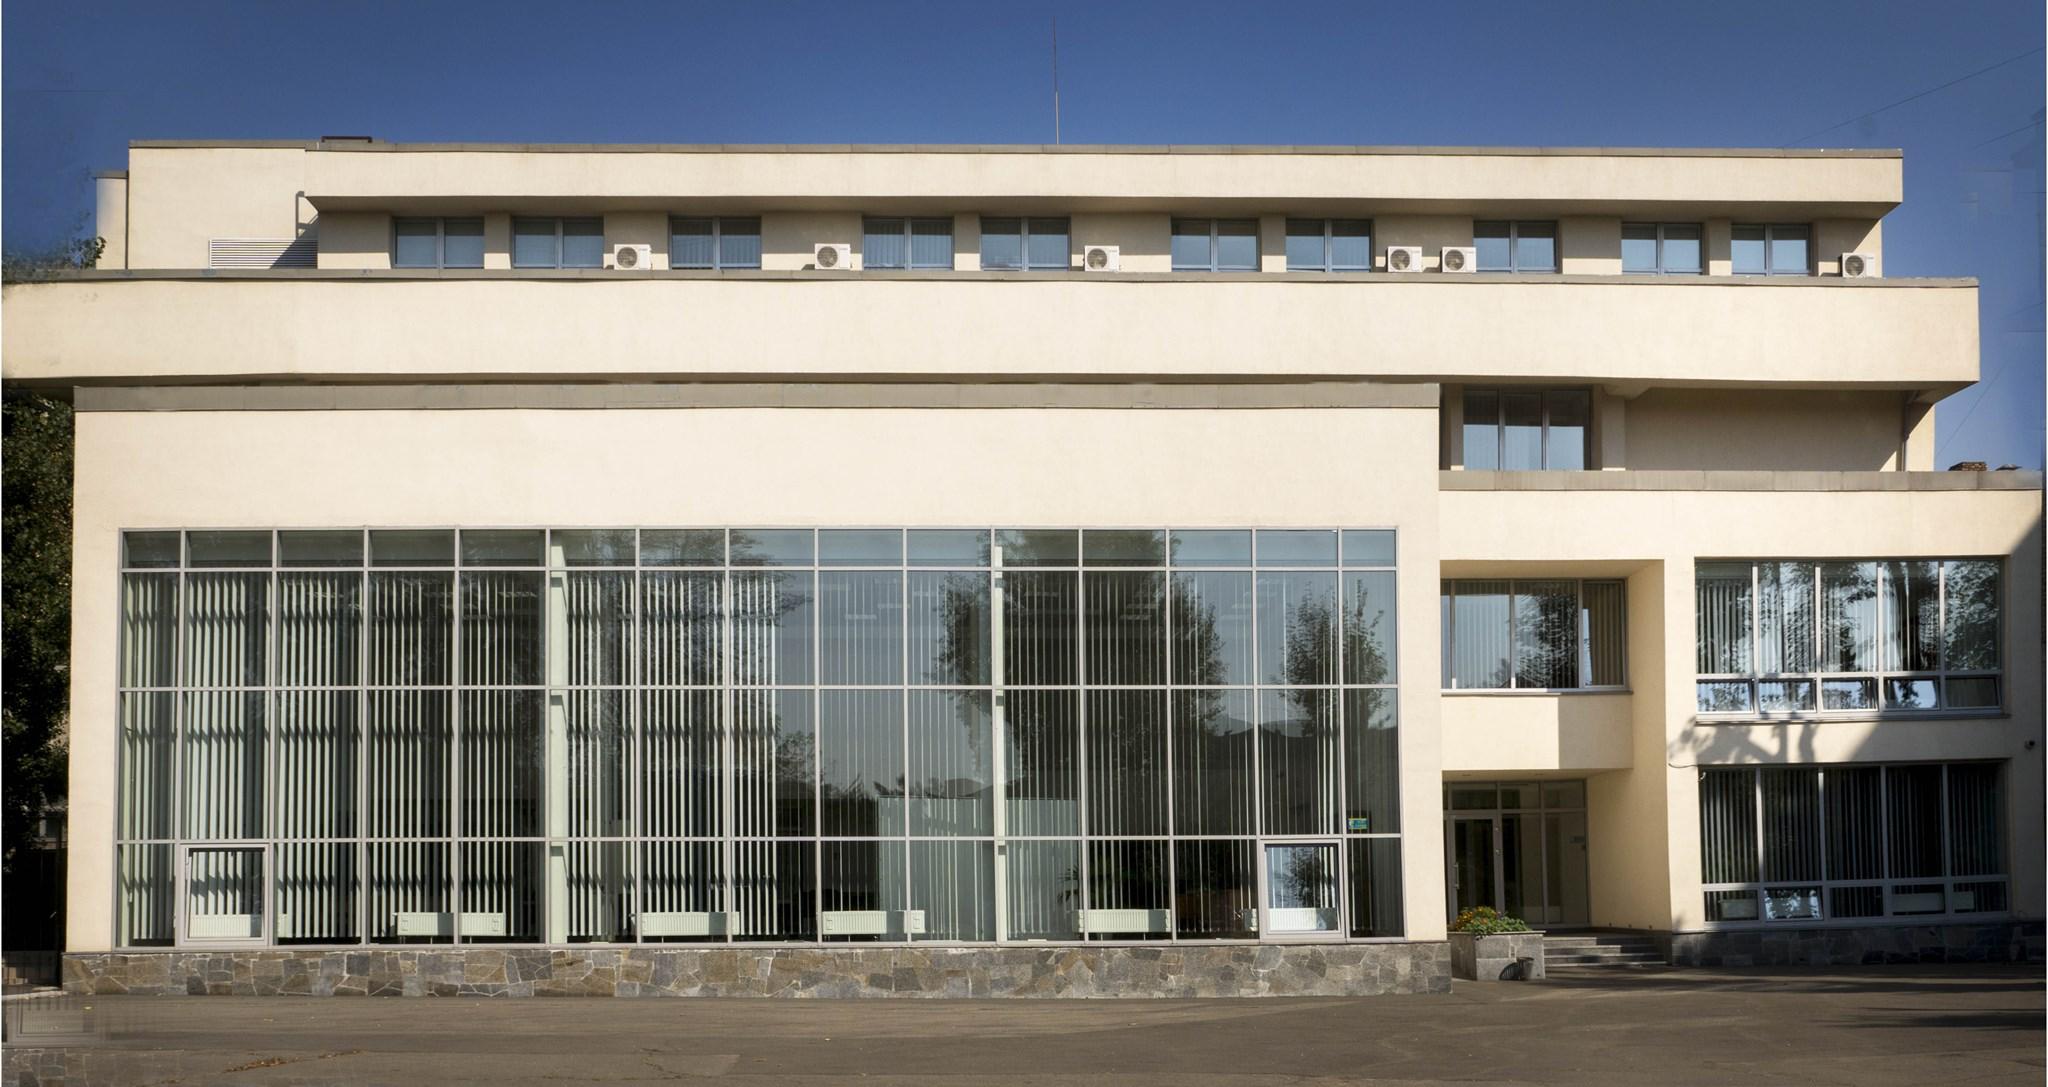 Архітектурна бібліотека Заболотного може опинитися на вулиці